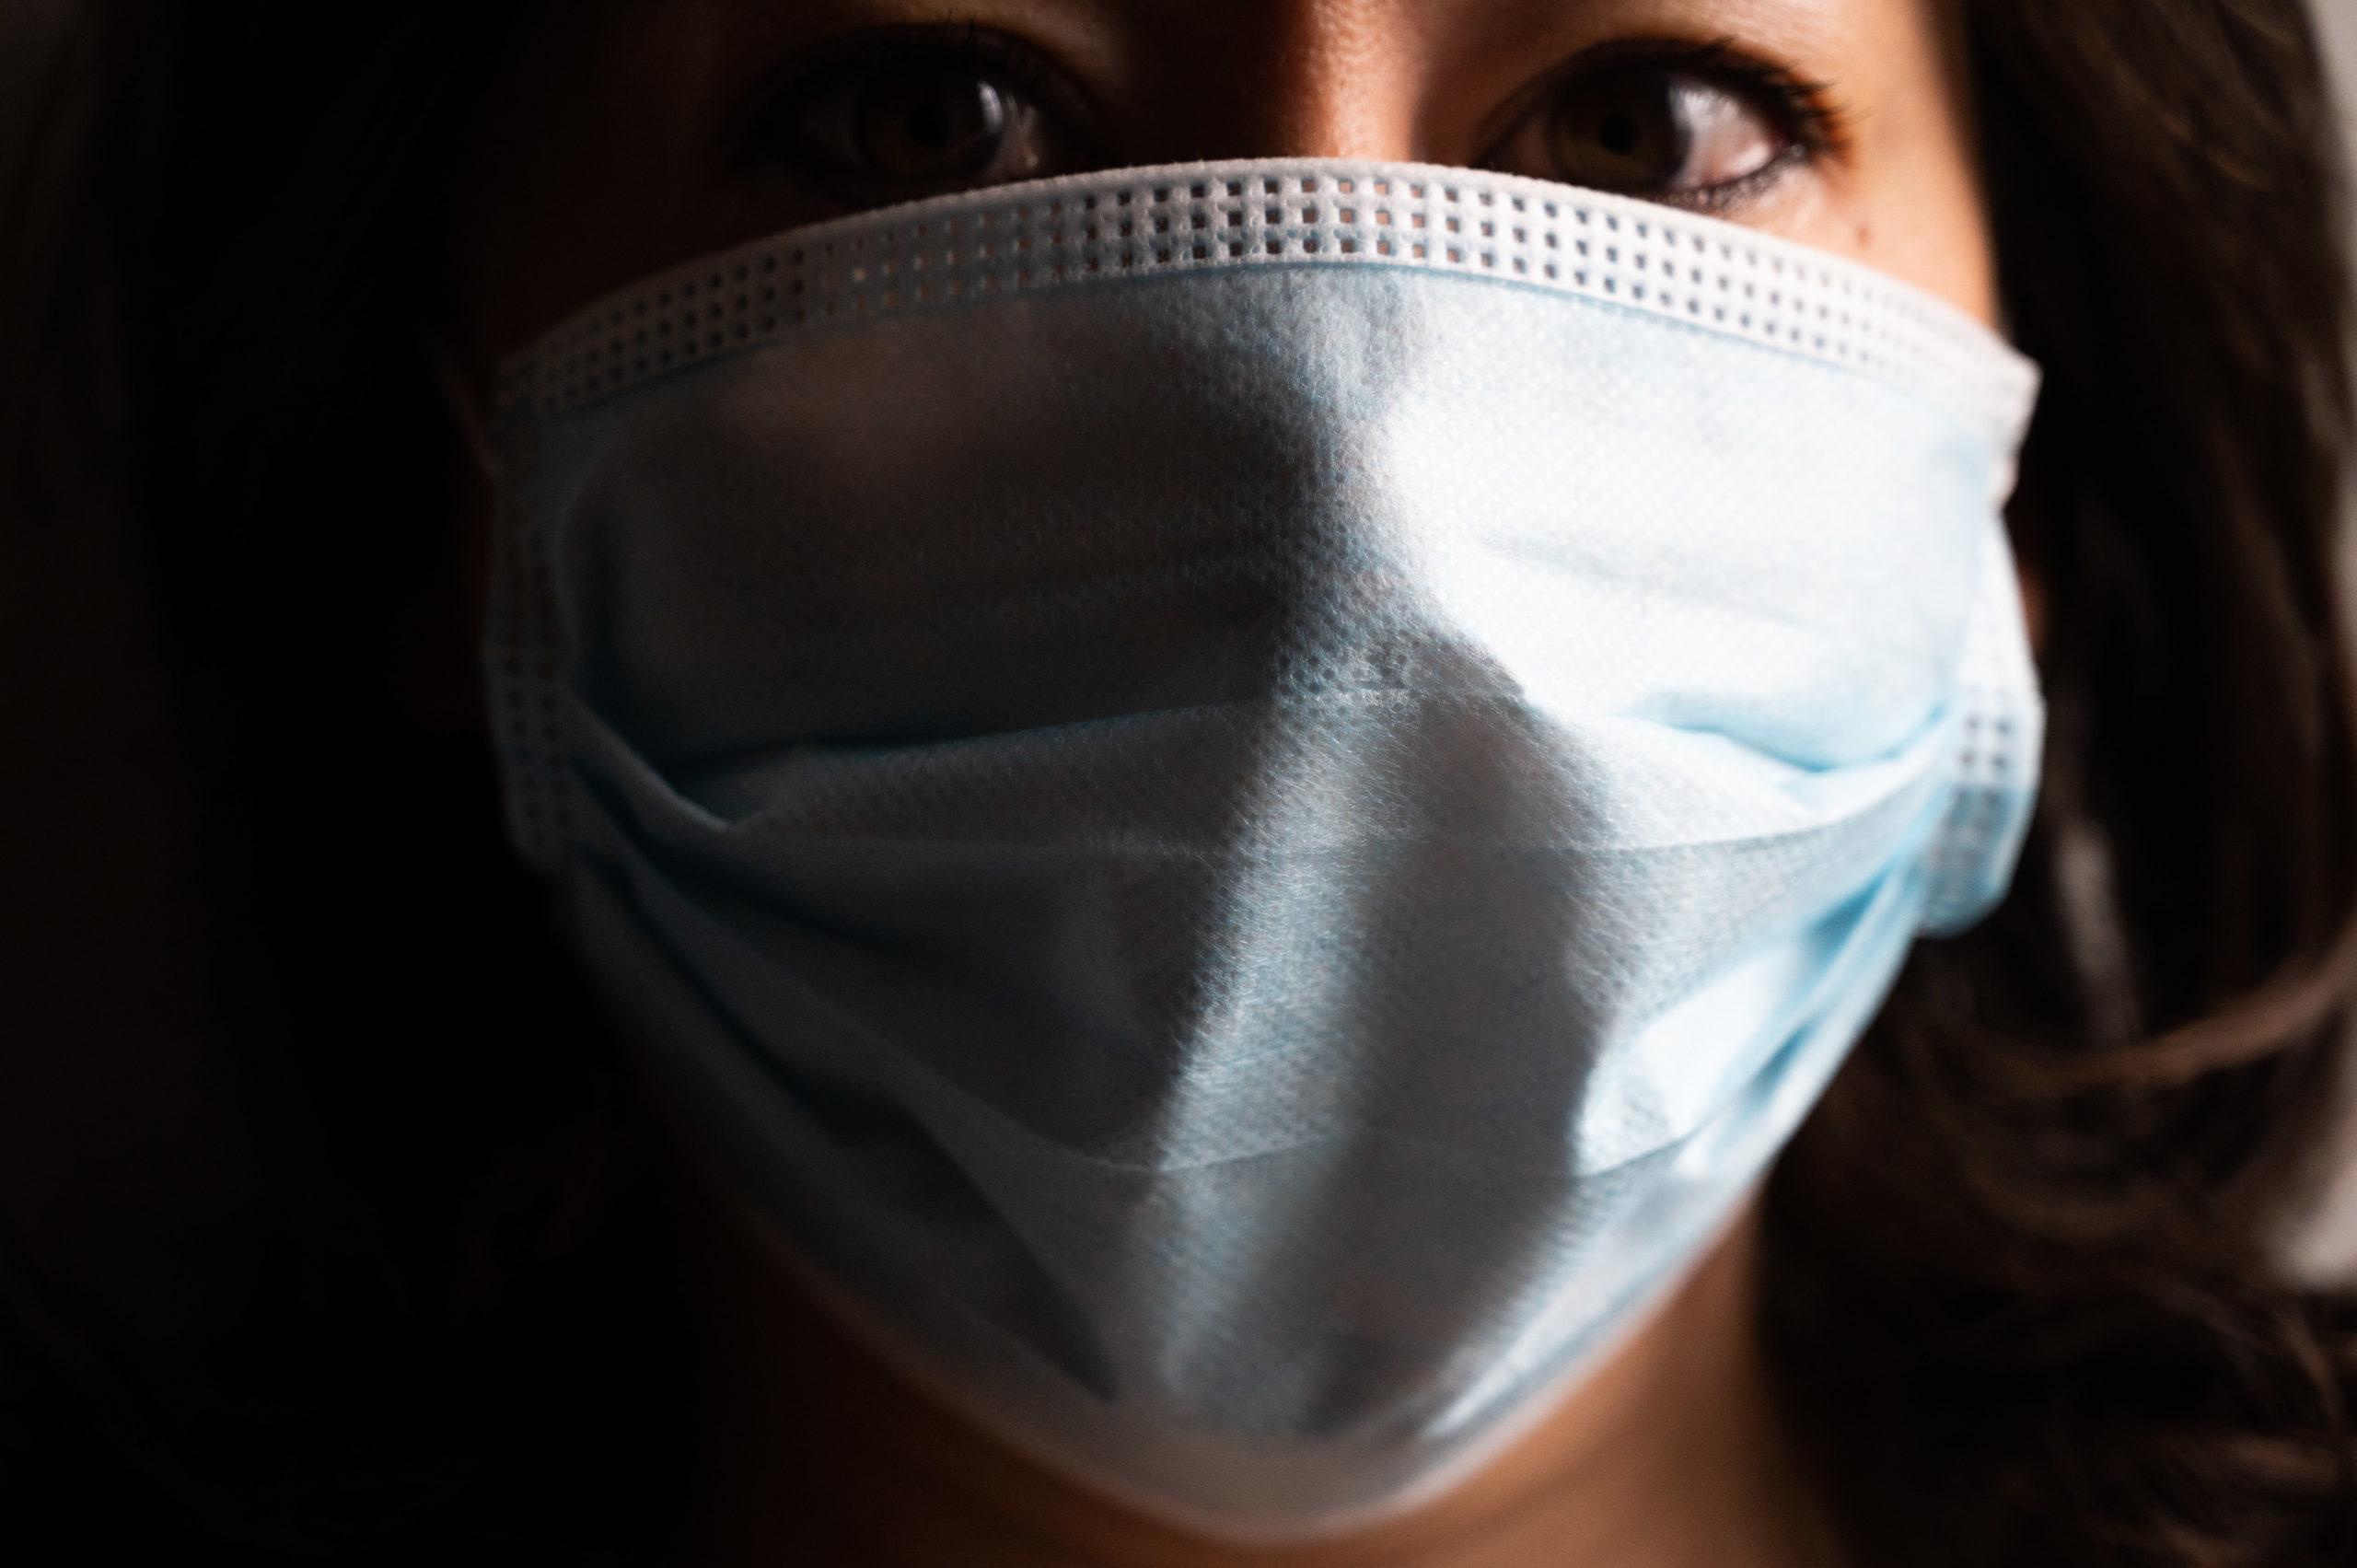 Le mascherine gratuite della Regione solo nelle farmacie. Altre disponibili presso le associazioni di volontariato